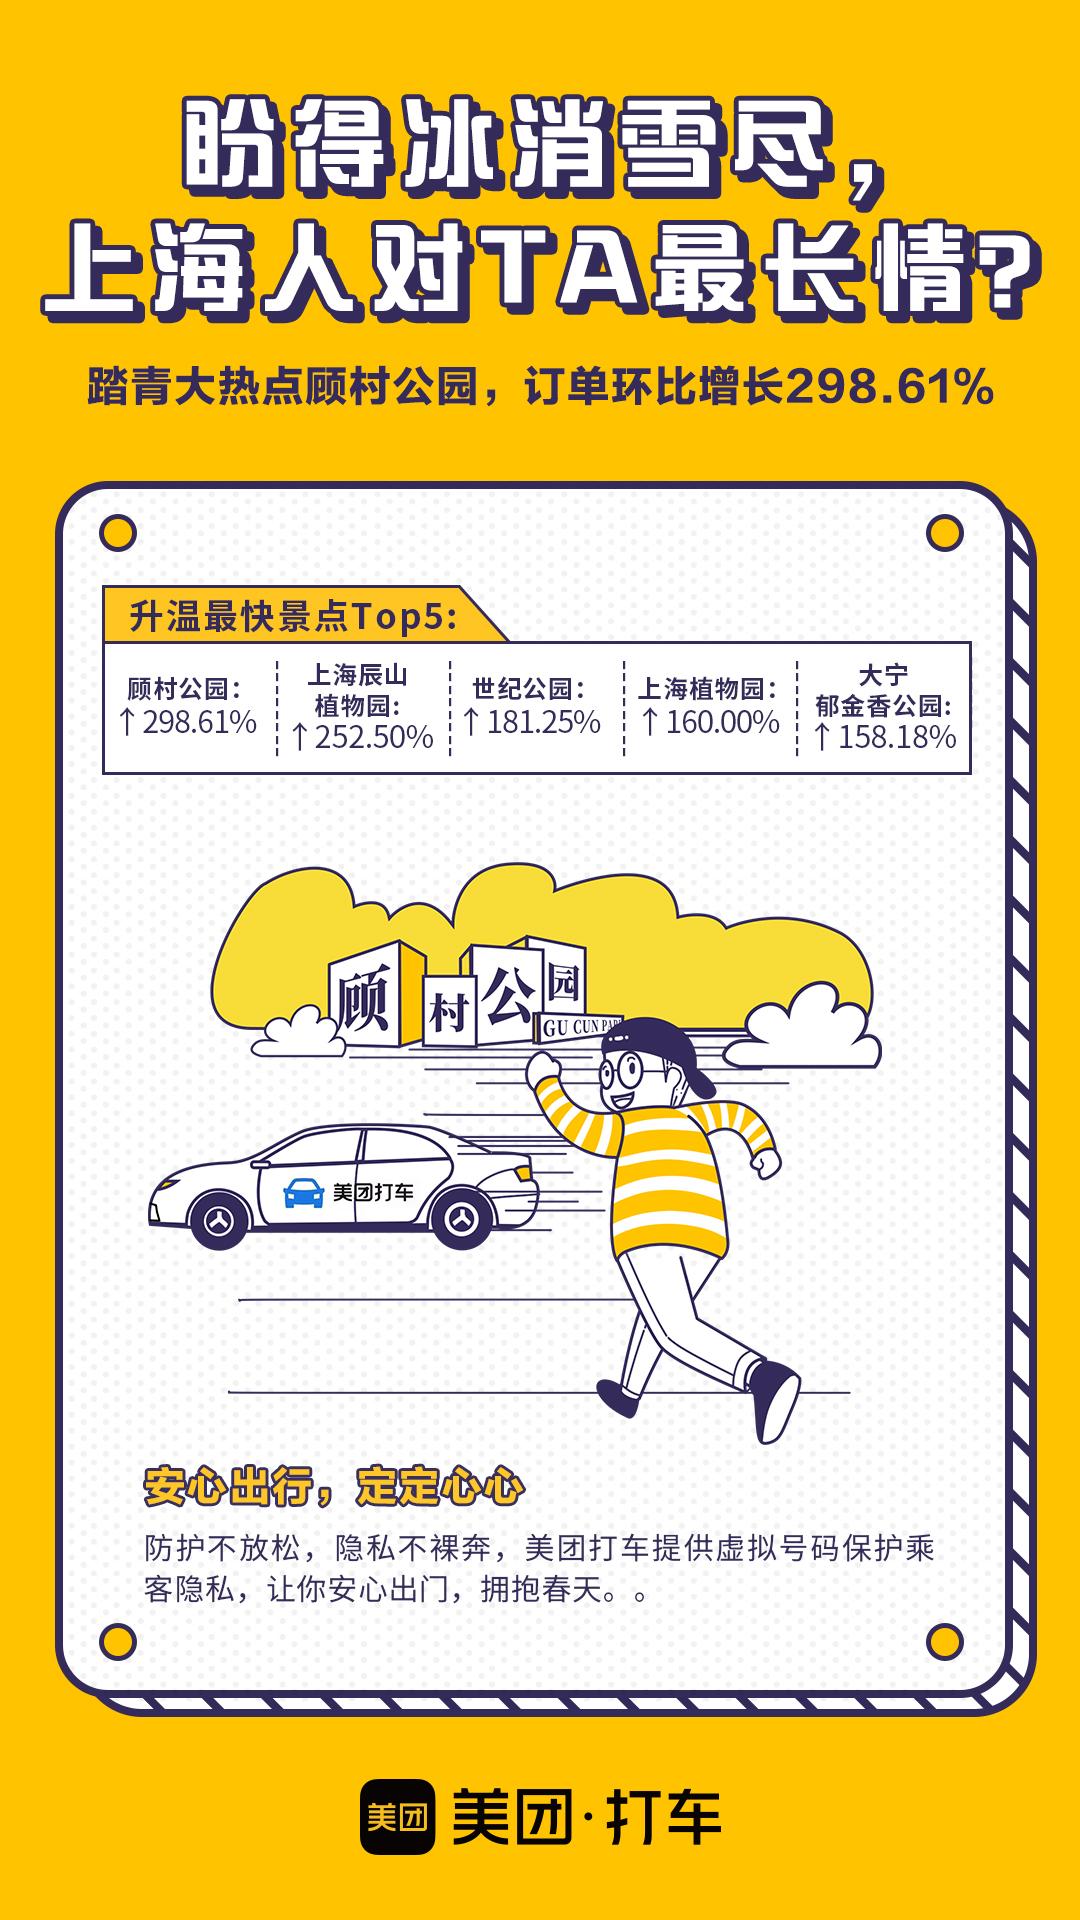 美团打车消费回暖报告:上海消费逐渐回暖 餐饮需求增长最旺盛